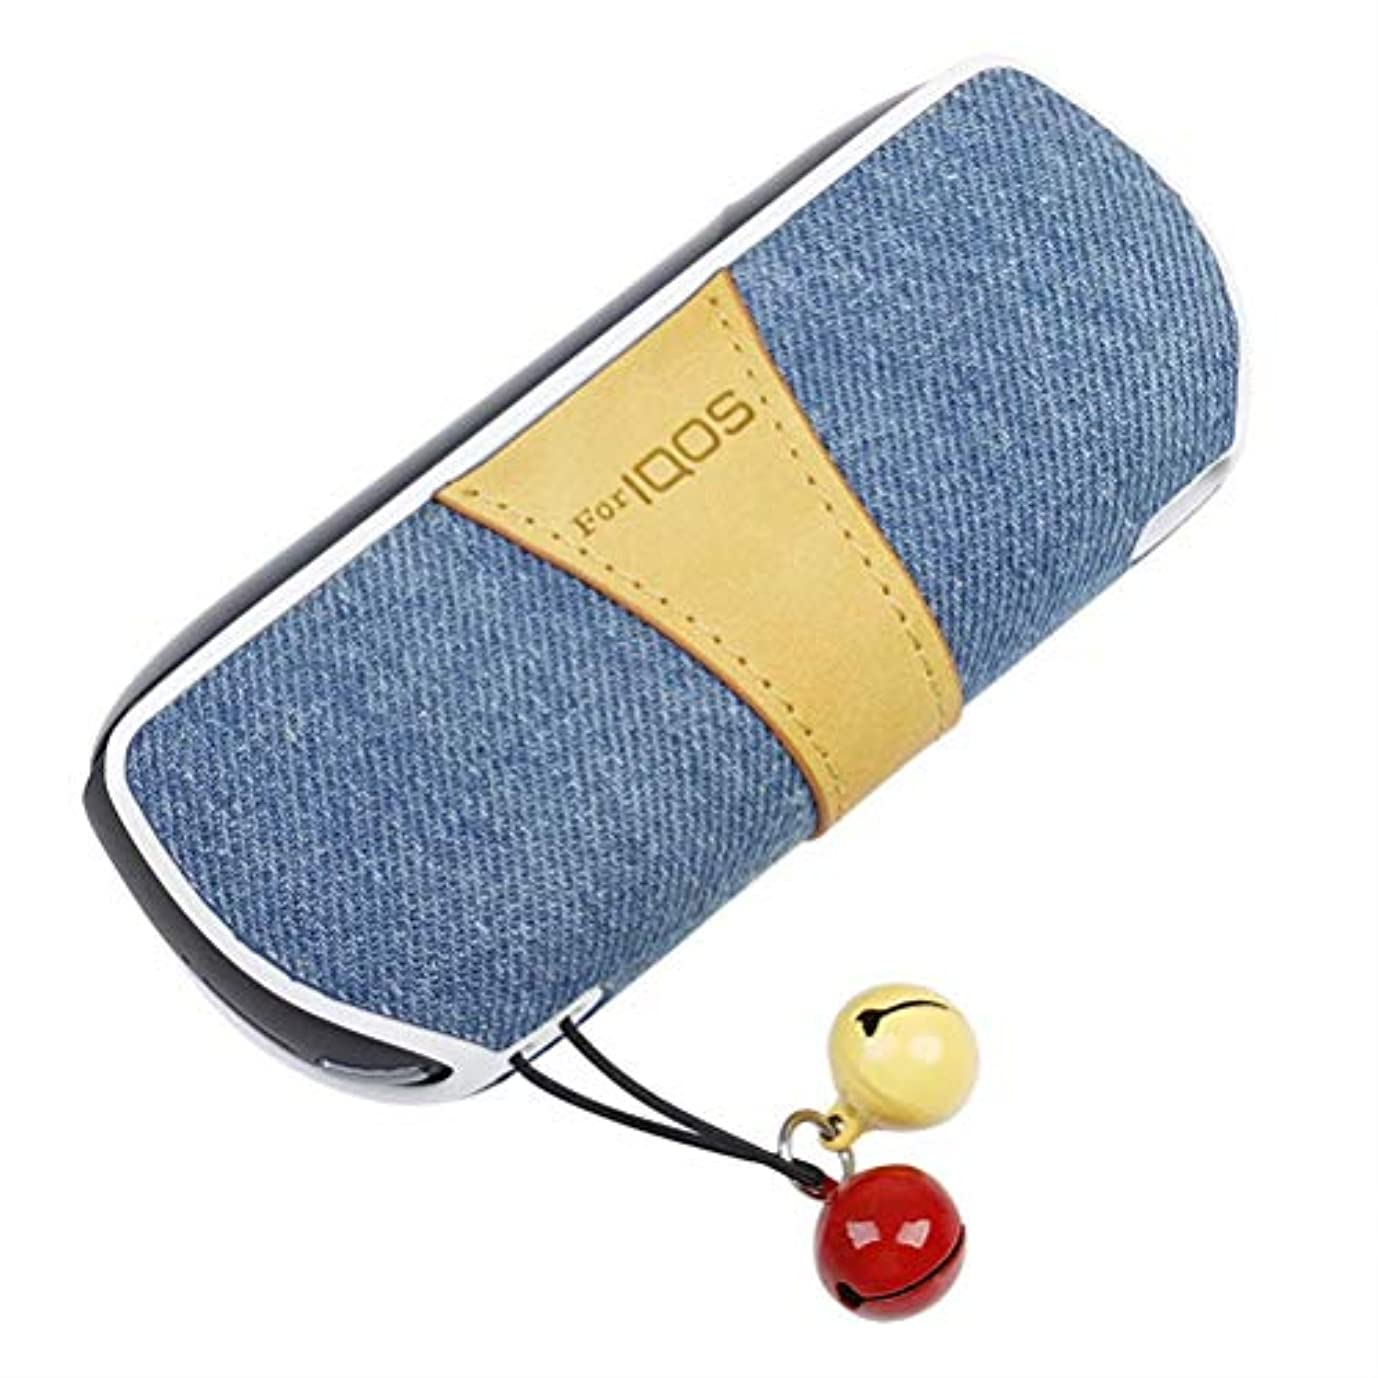 月曜ディレクトリデコードするKumi アイコスカバーケース iqos3 完全保護 薄い 軽量 USB充電穴 収納 クリア ブランド (F ブルー)